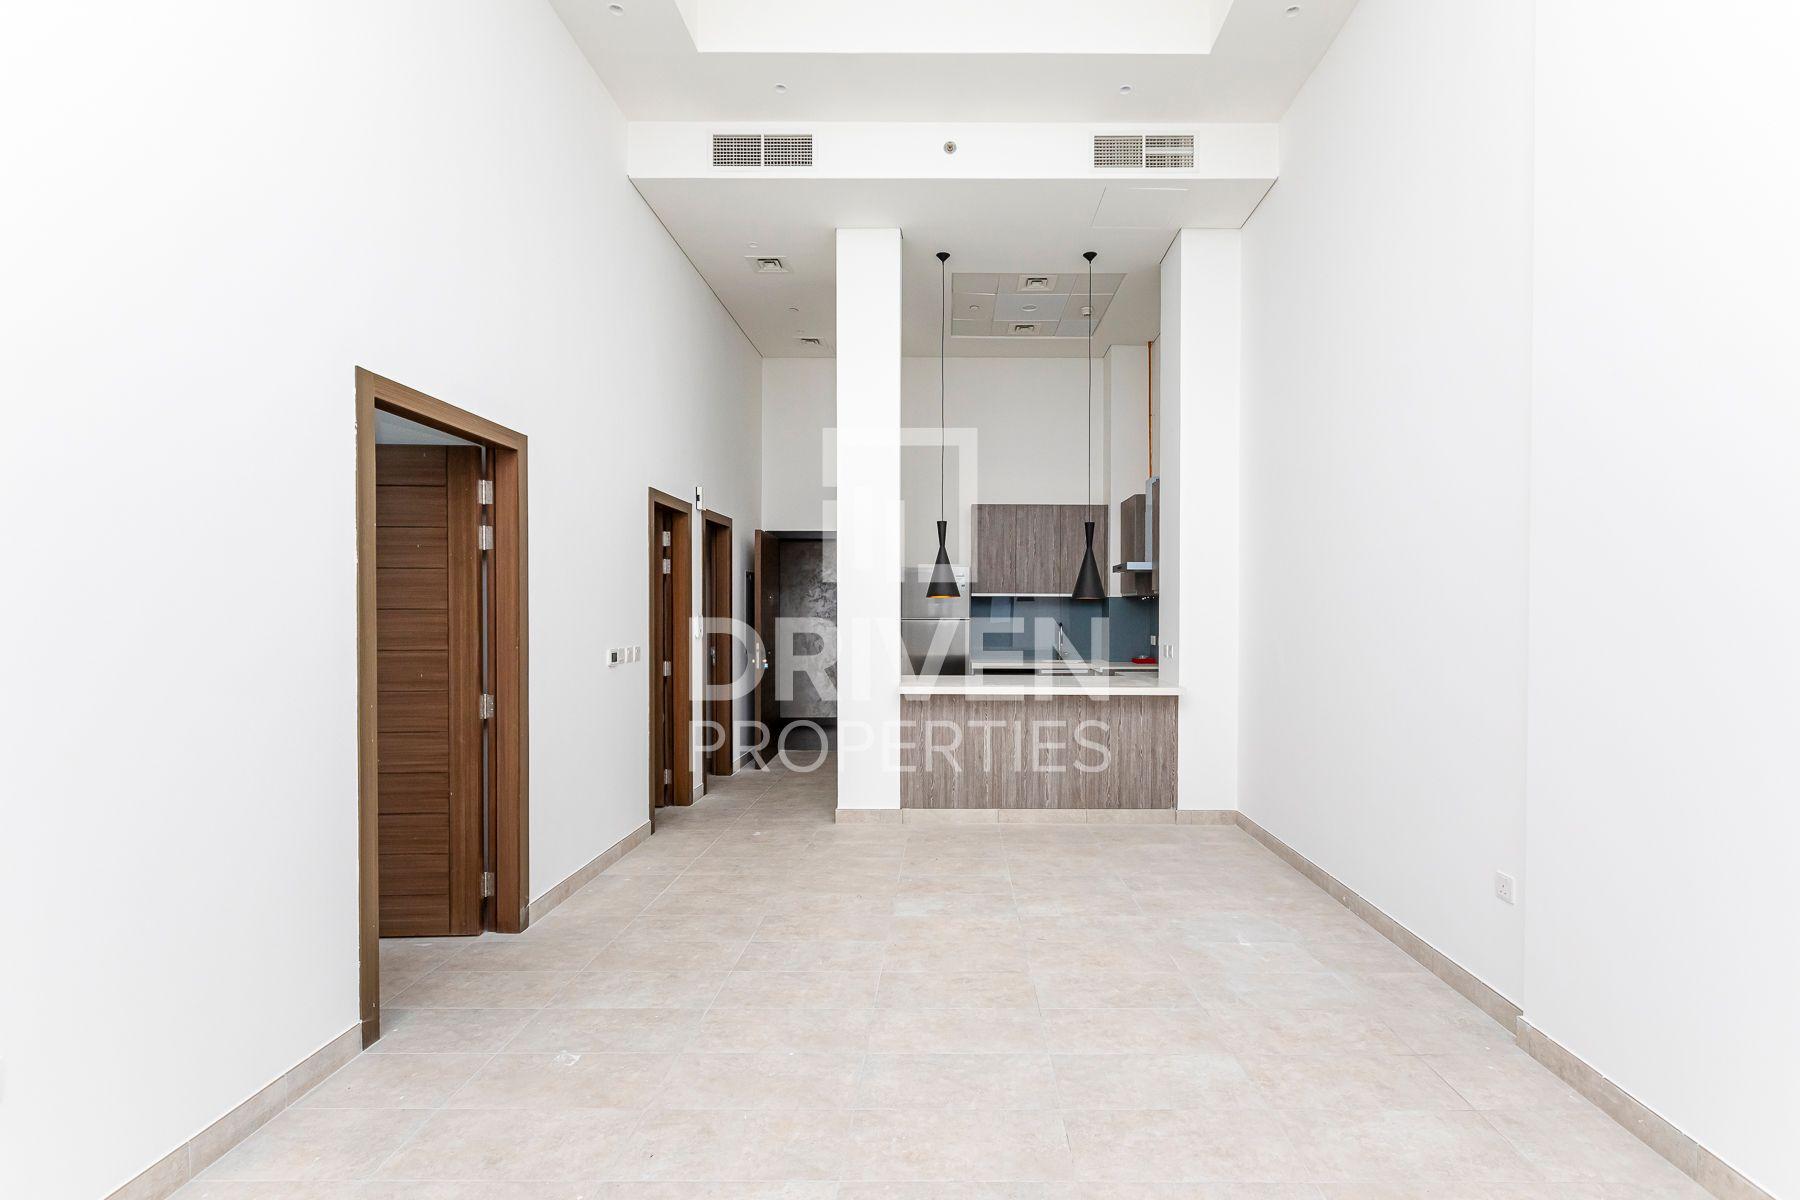 995 قدم مربع  شقة - للايجار - قرية الجميرا سركل